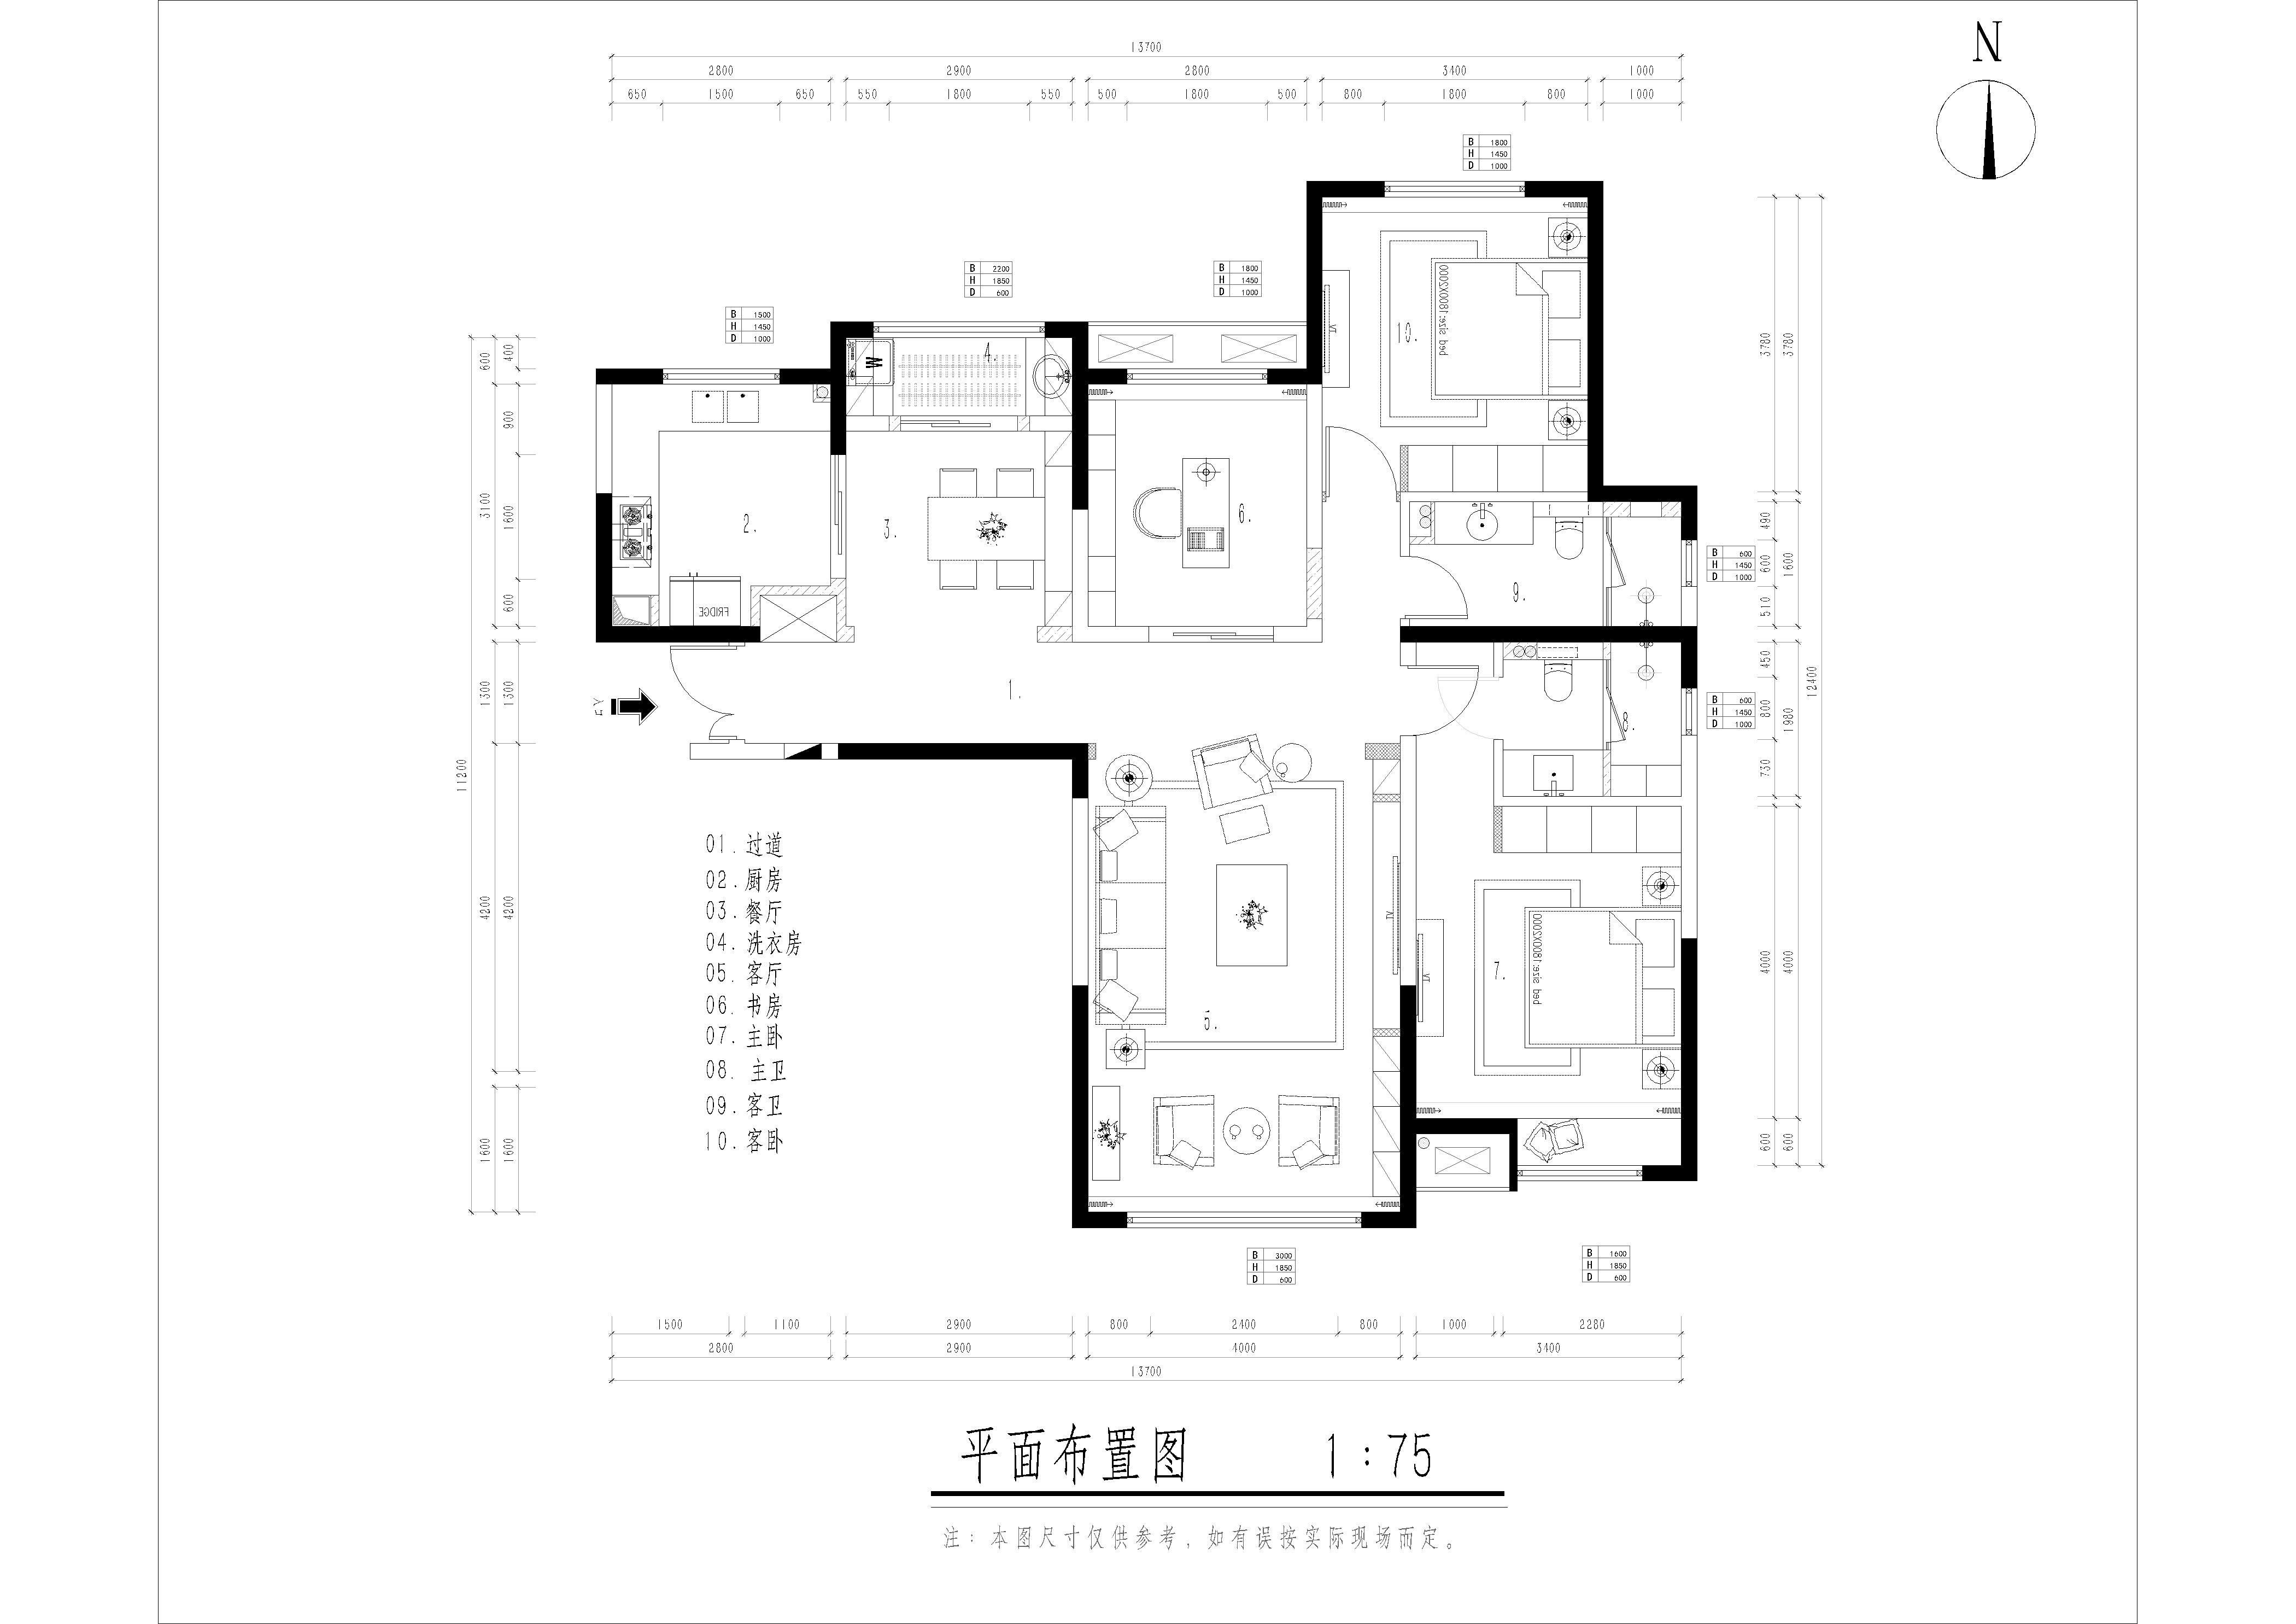 天鹅堡160平米新中式风格装修效果图装修设计理念